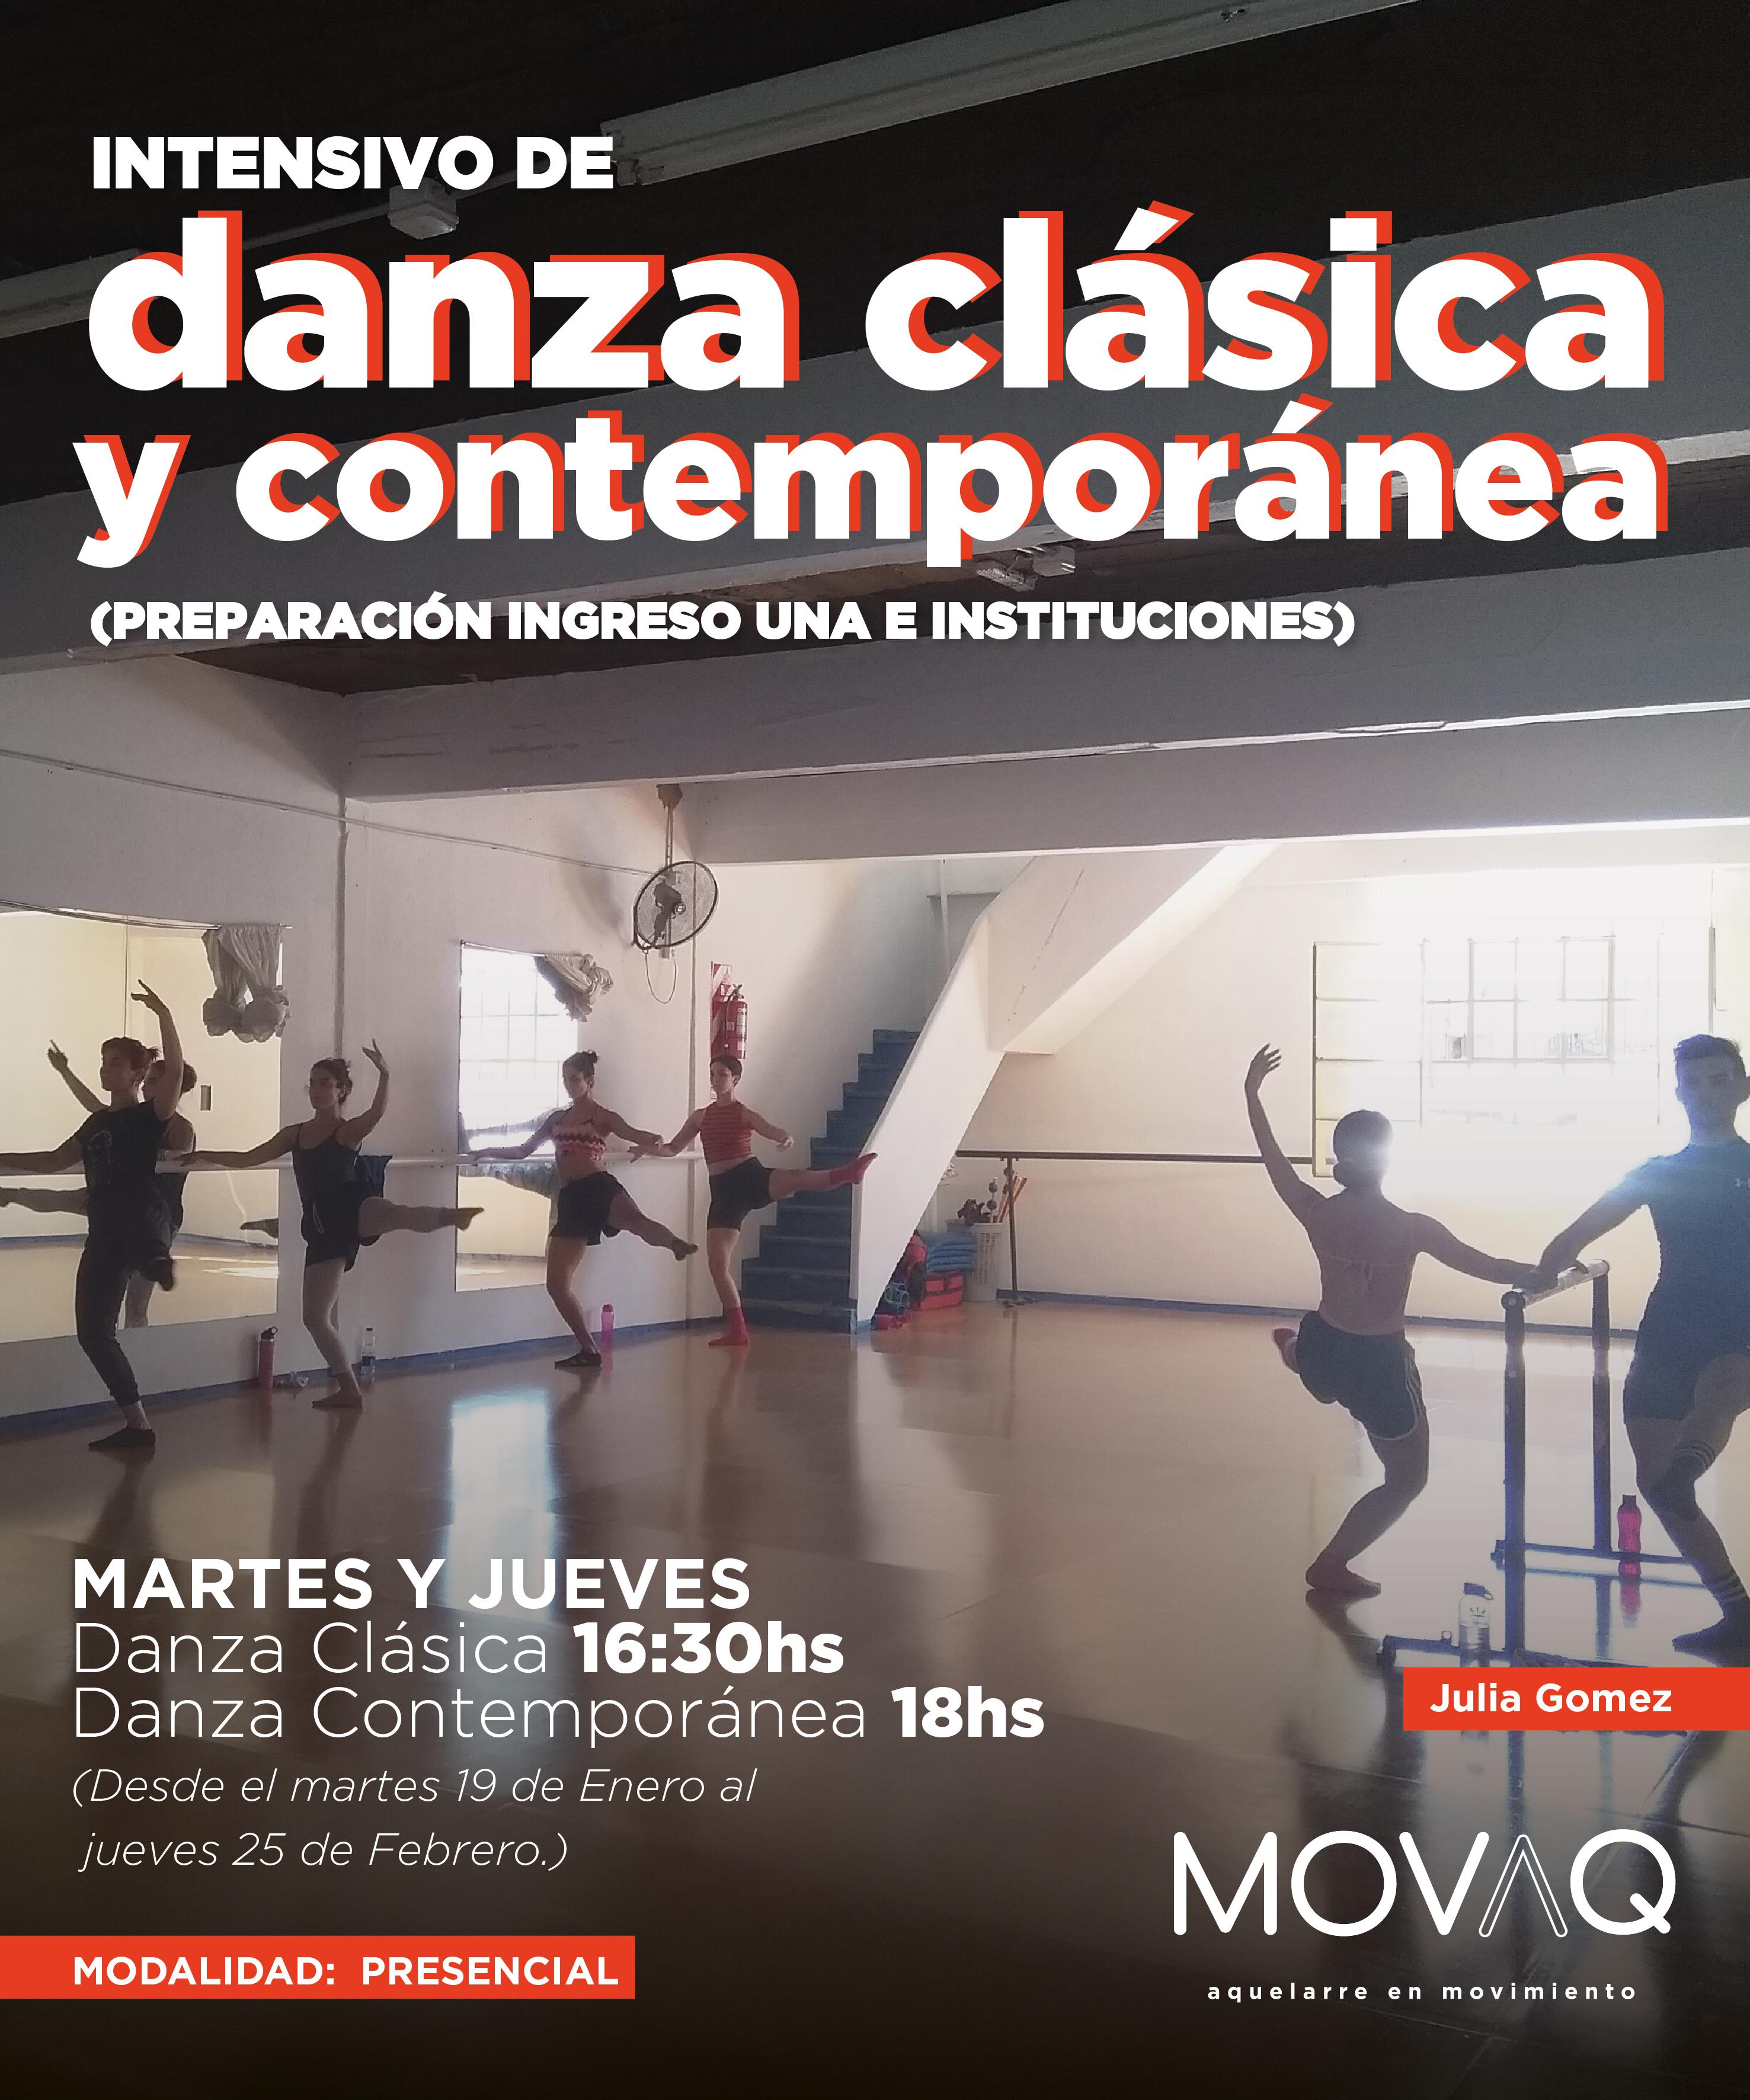 Intensivo de Danza Clásica y Contemporán